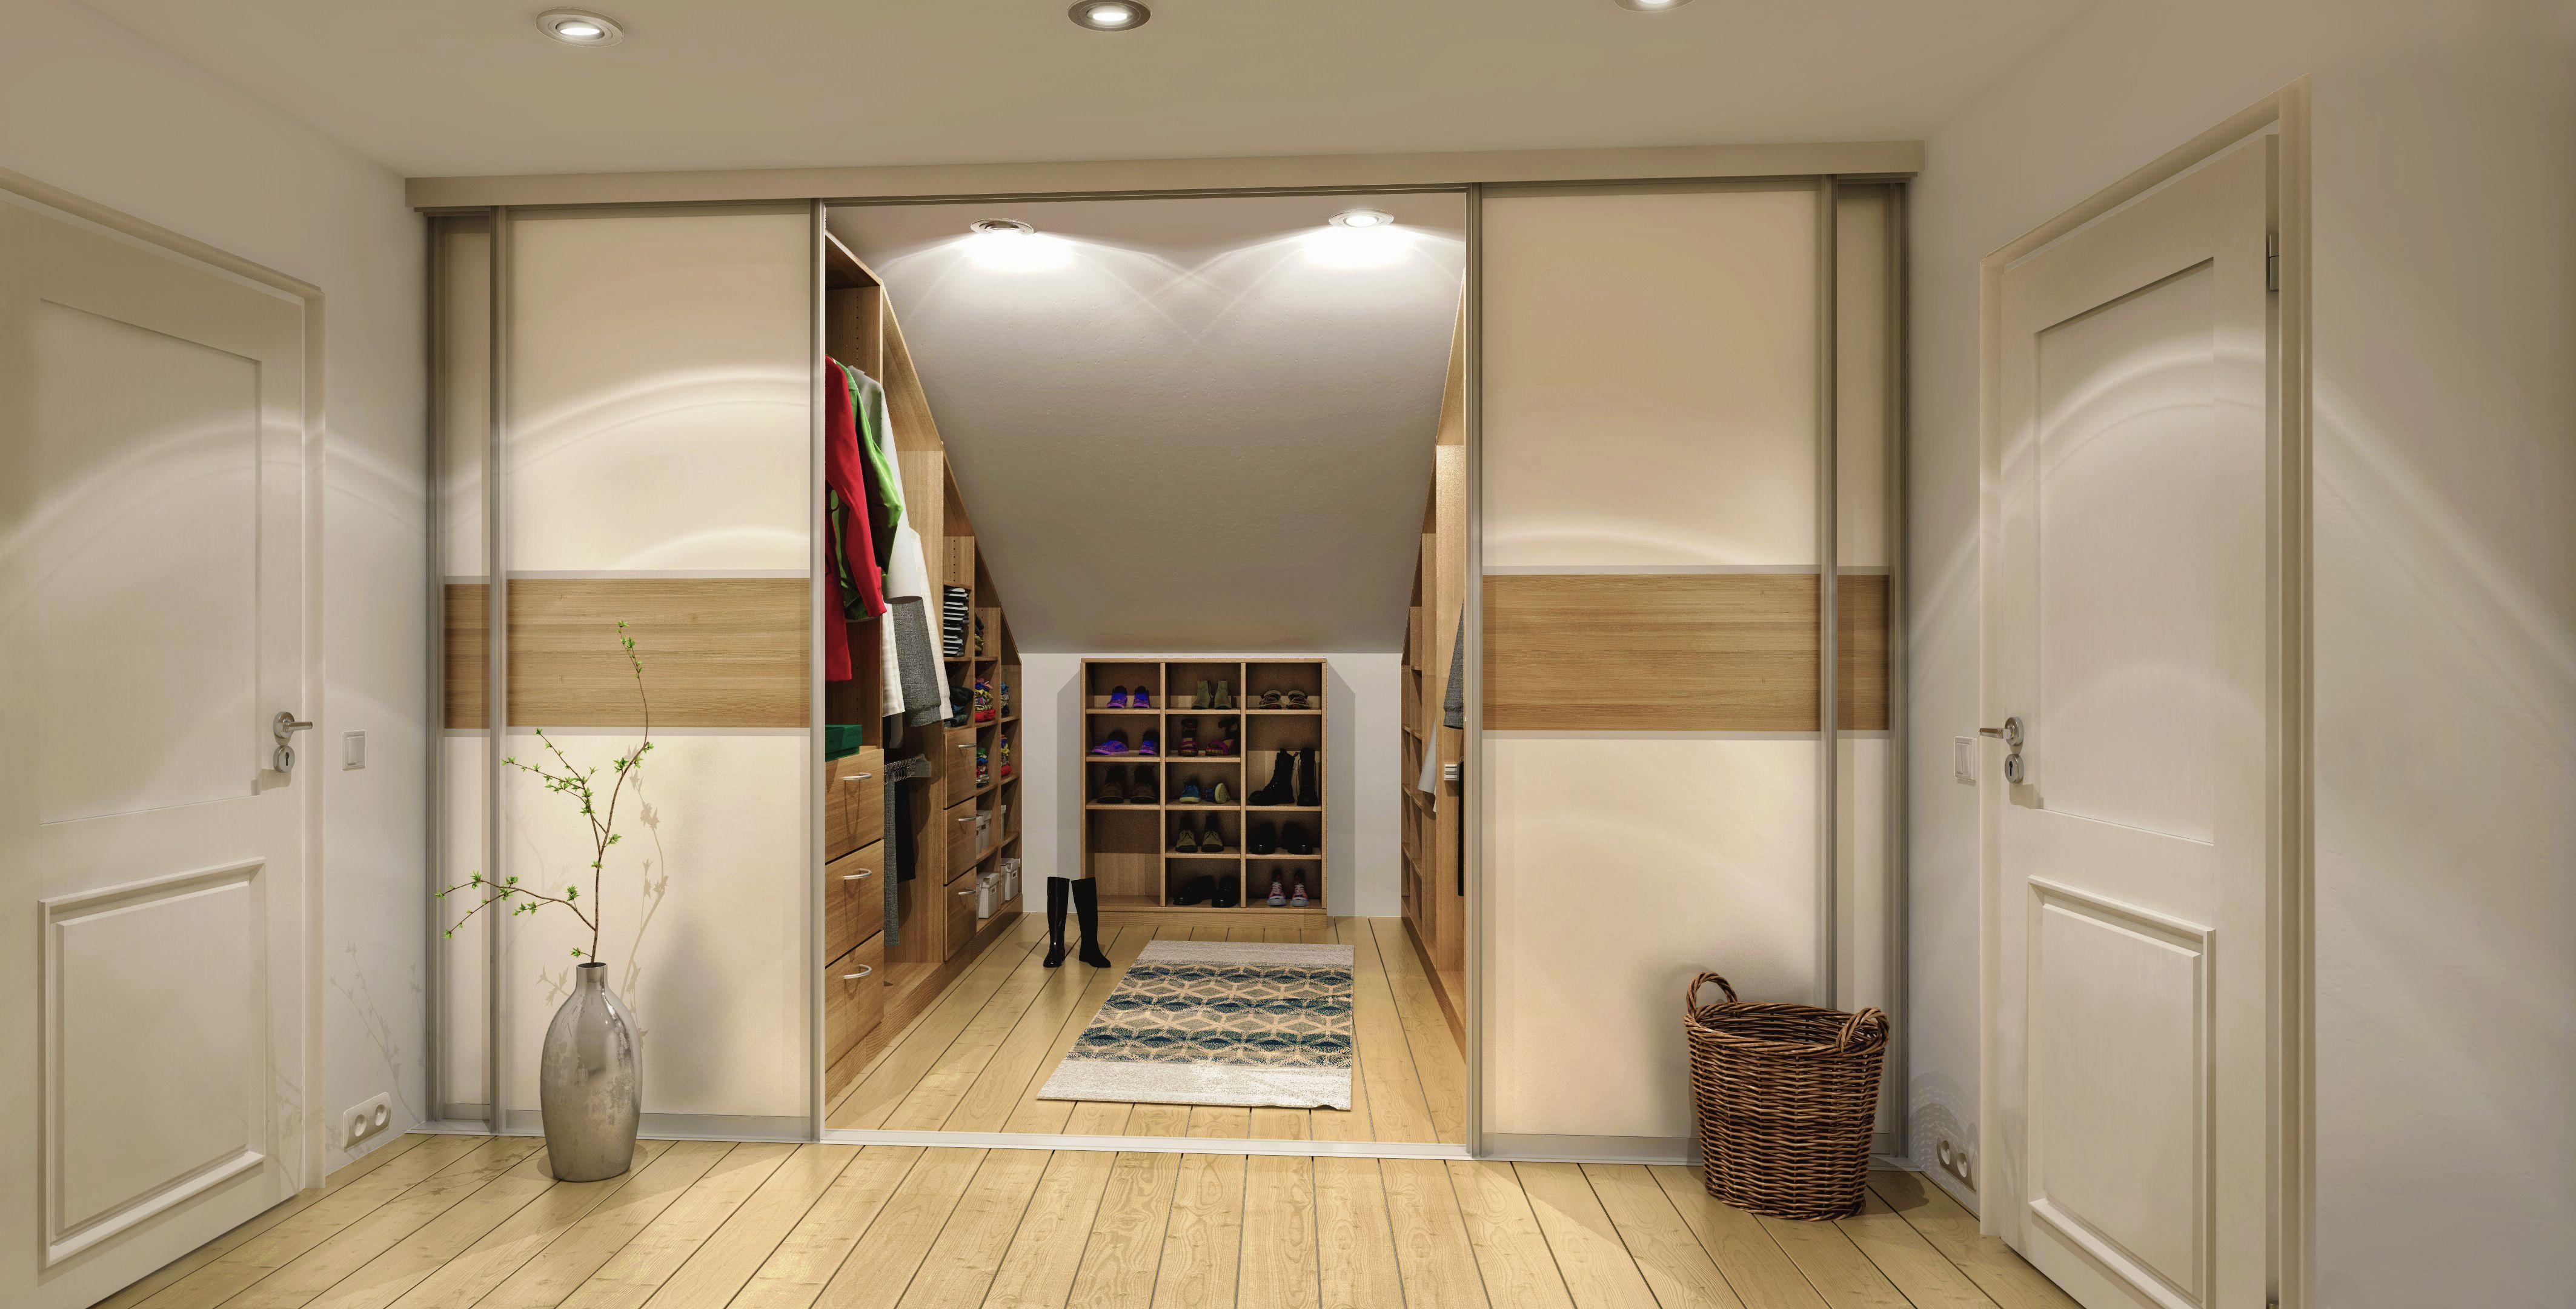 Begehbarer Kleiderschrank Für Dachschräge